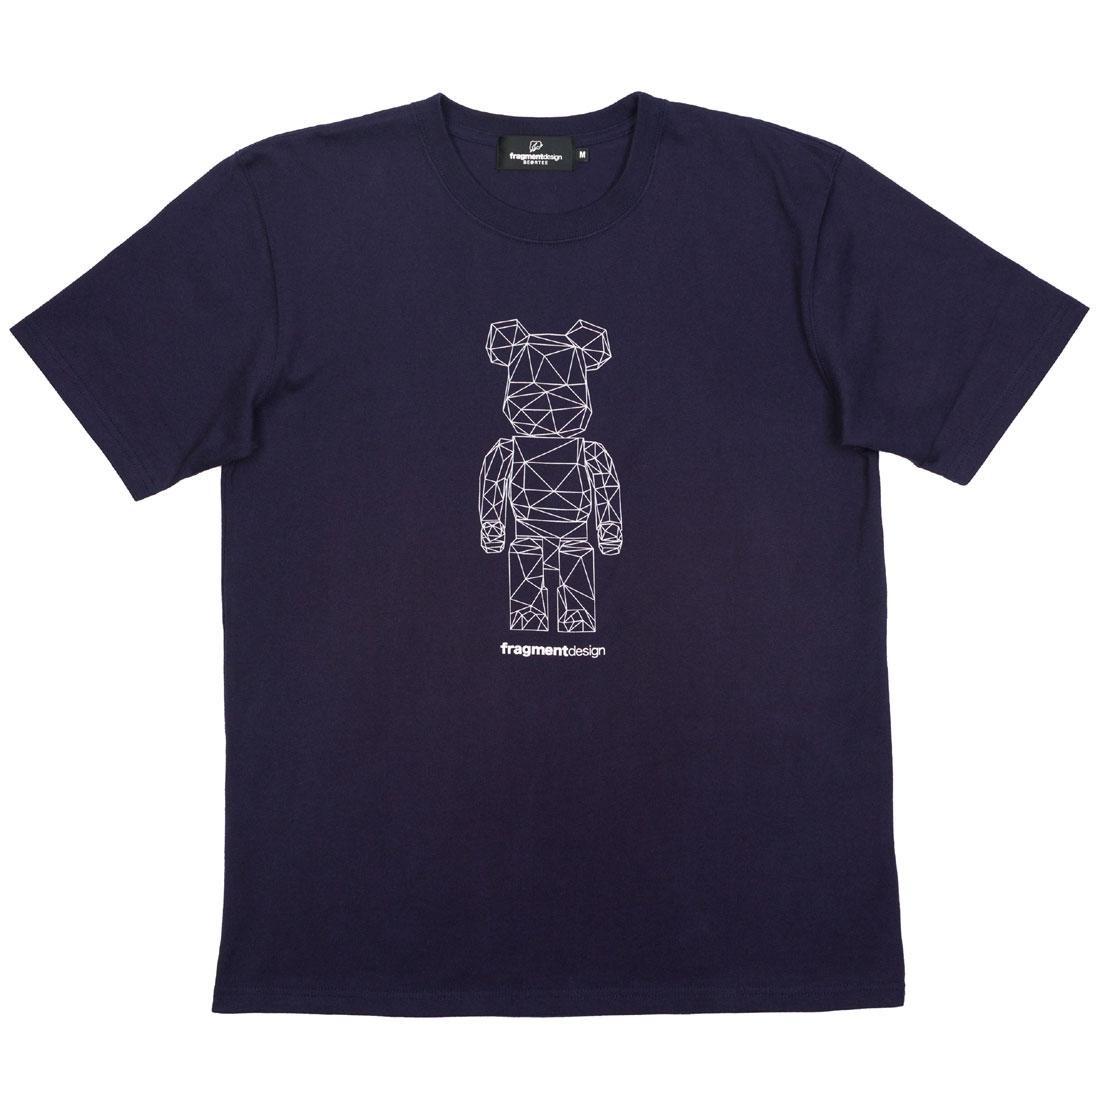 【スーパーセール中! 6/11深夜2時迄】Tシャツ Be@rtee メンズファッション トップス カットソー メンズ 【 Medicom X Fragment Design Men Be@rtee Polygon Tee (navy) 】 Navy